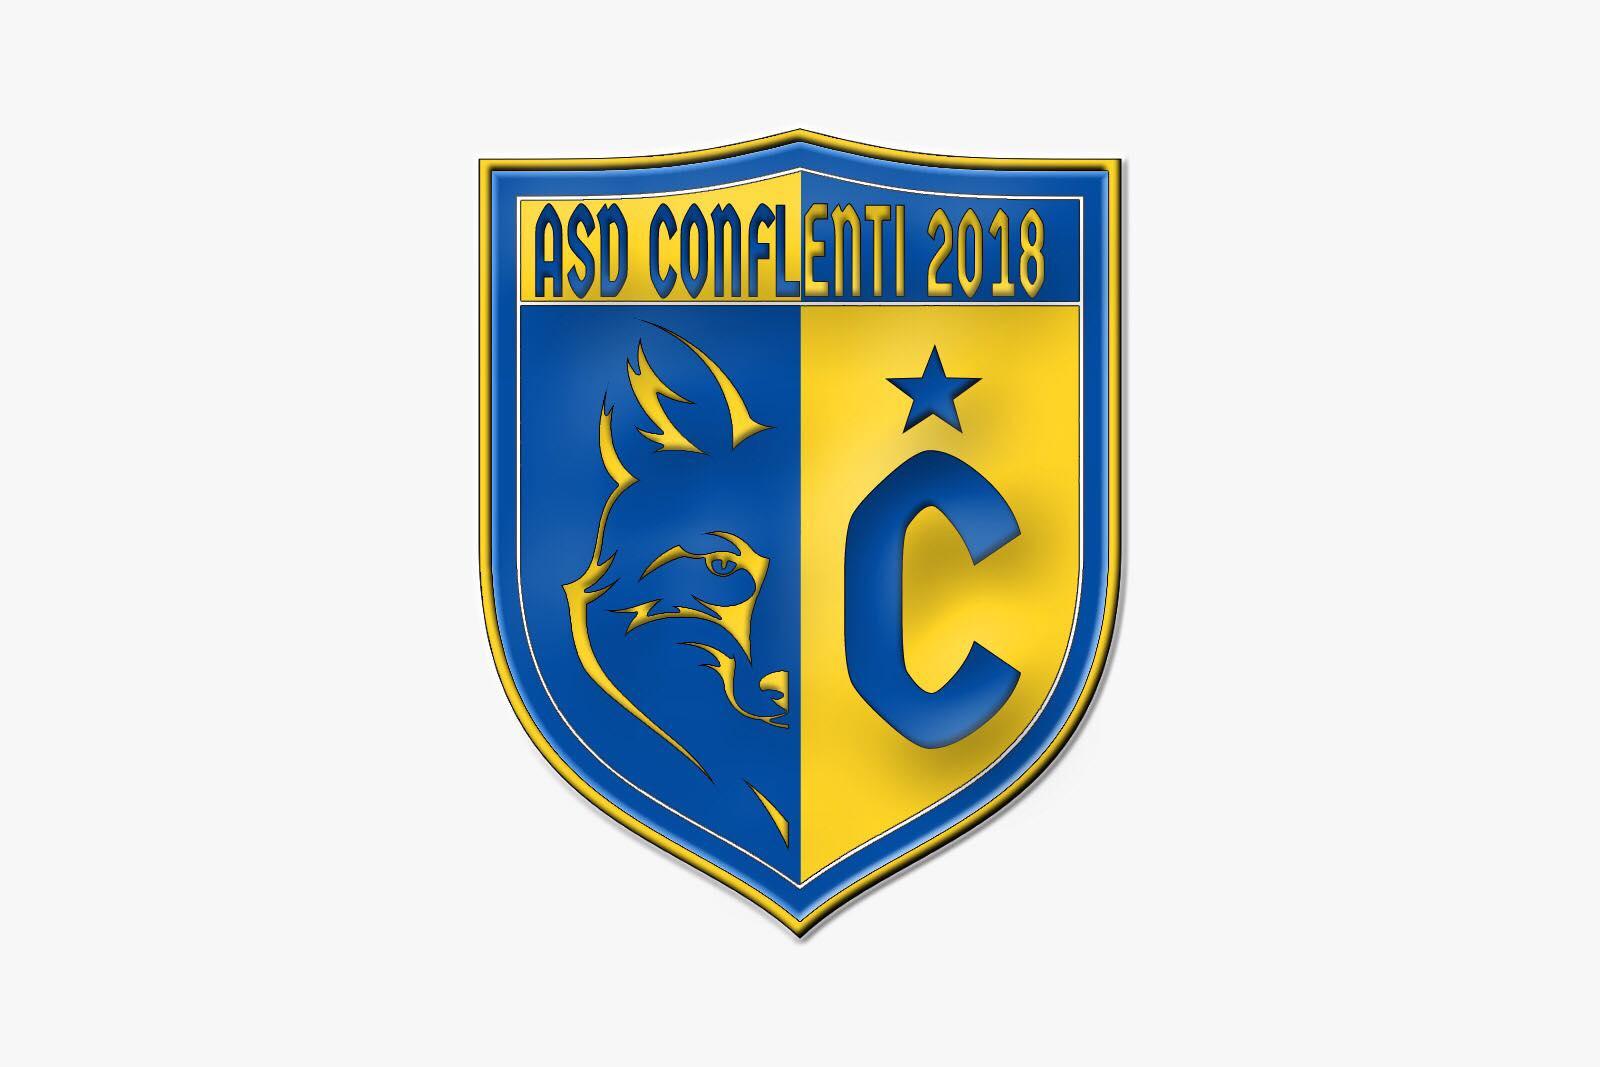 Logo Asda Conflenti